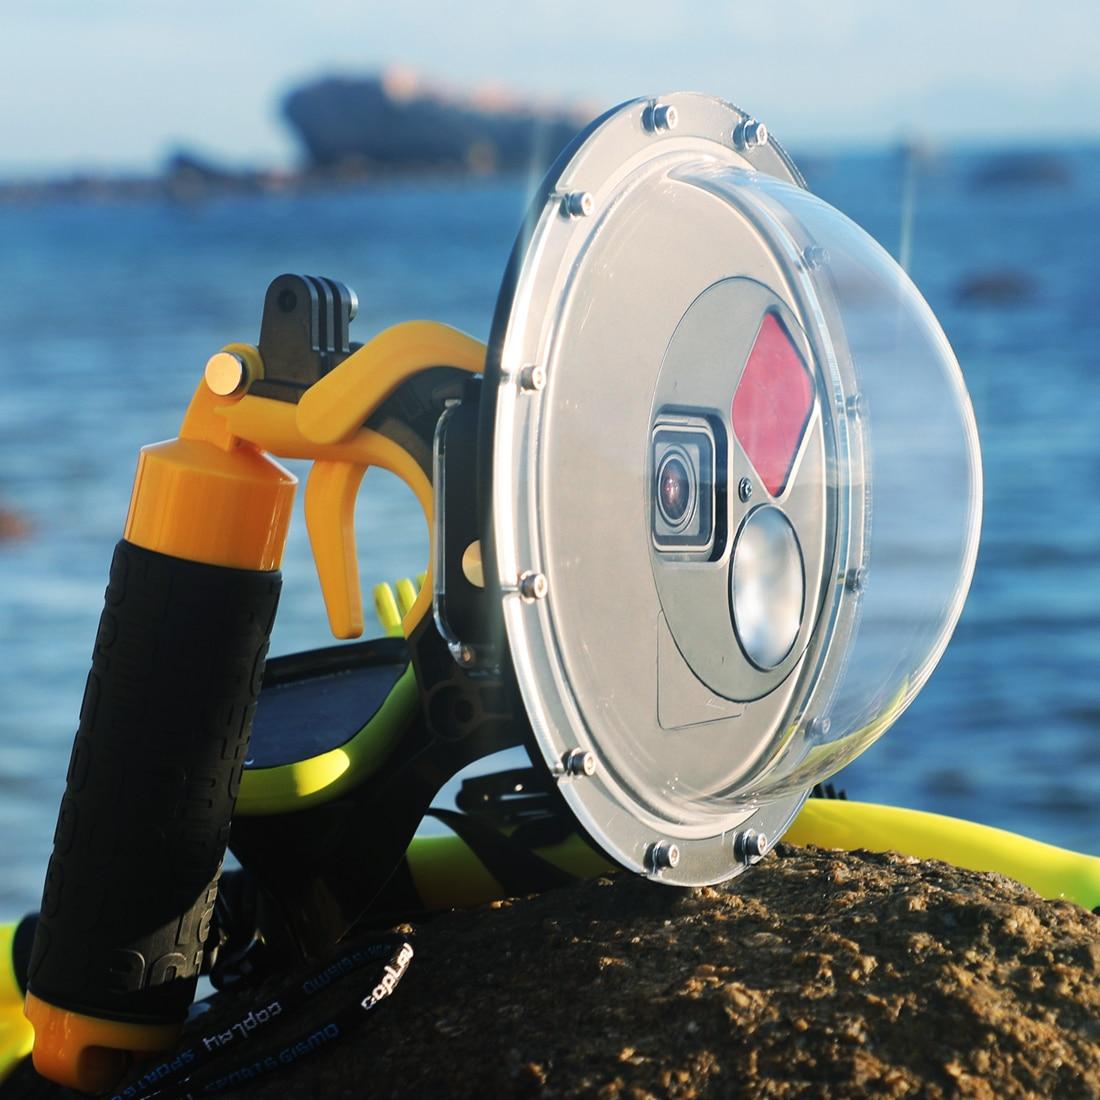 Чехол SOONSUN для подводного плавания с купольным портом, водонепроницаемый корпус, купольная крышка объектива для GoPro Hero 7 6 5 Black Go Pro 7, аксессуа...